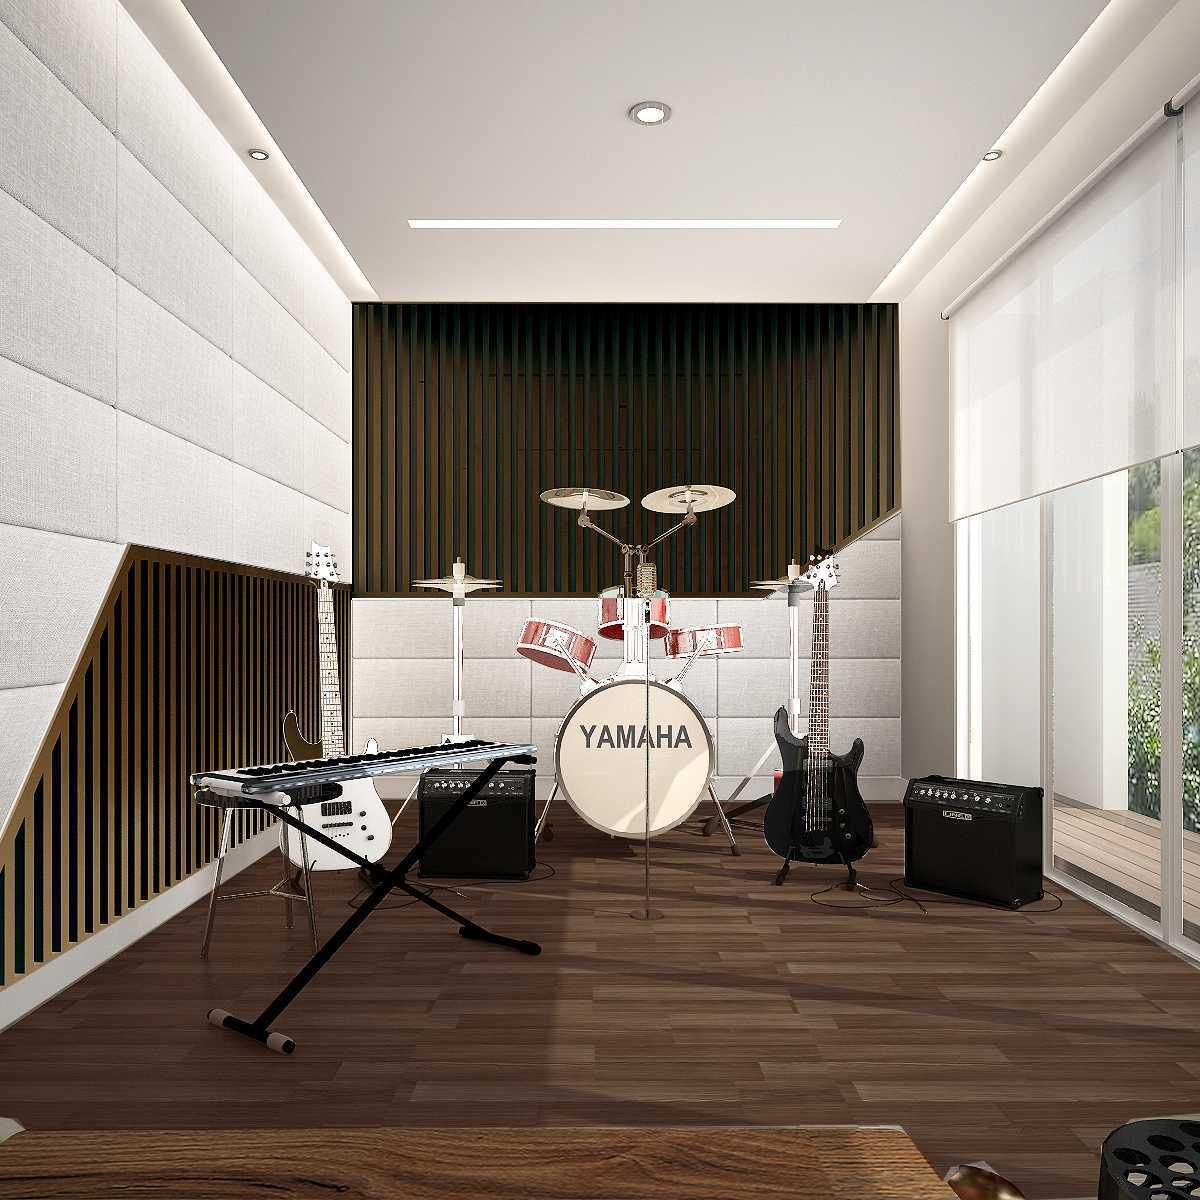 Kaye Interior Design Kemang Pratama House Bekasi, Tambelang, Bekasi, Jawa Barat, Indonesia Bekasi, Tambelang, Bekasi, Jawa Barat, Indonesia Music Room   48916